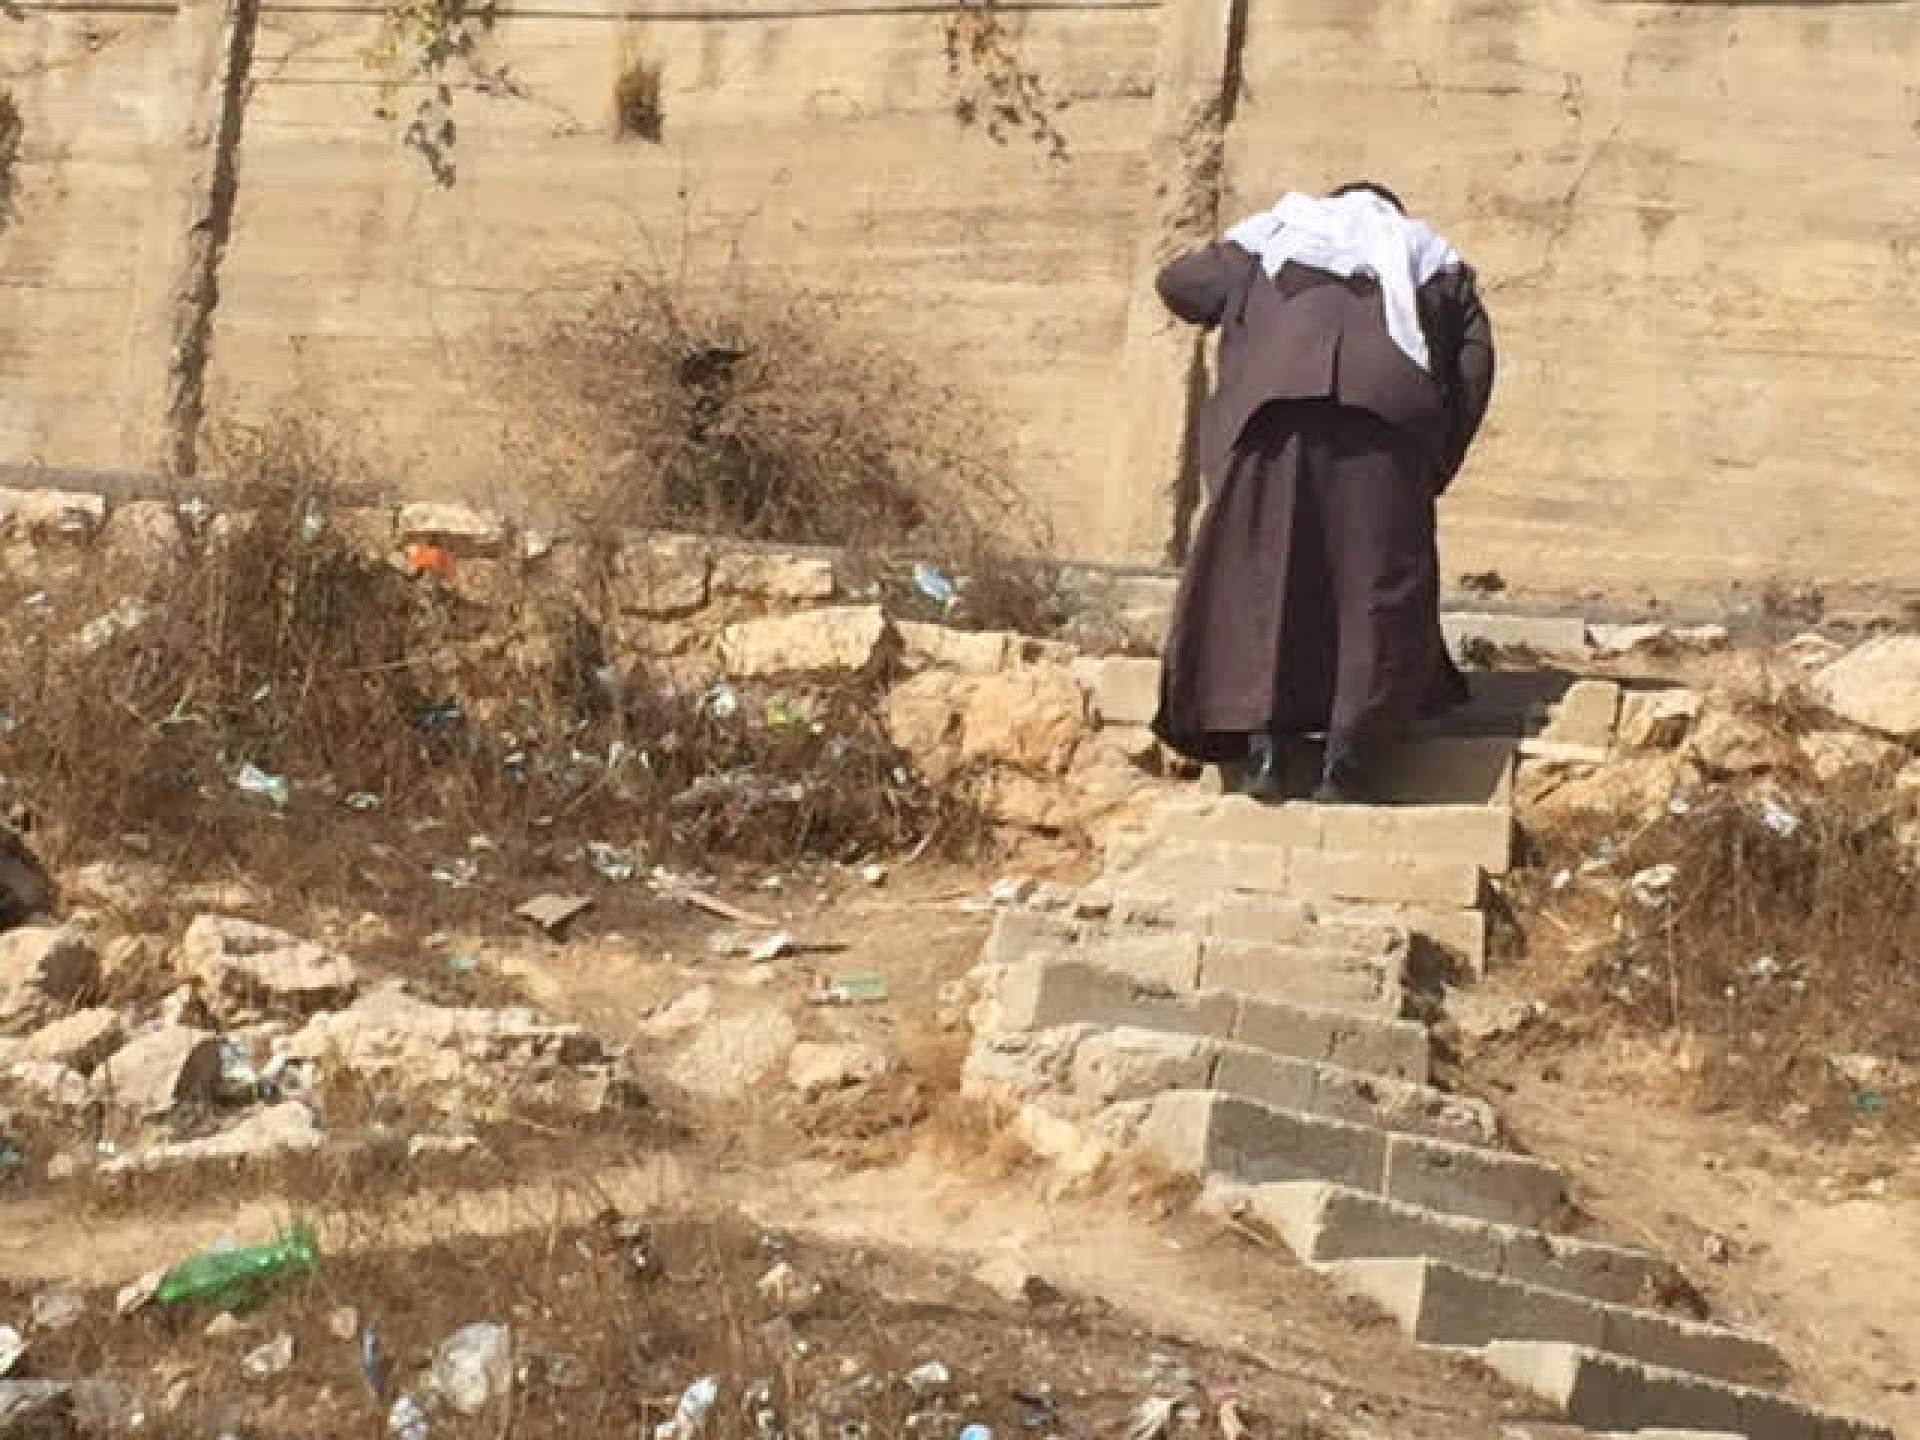 זקן עולה במדרגות בית המריבה. בשבת הציקו המתנחלים לזקן הזה שעלה וירד כדי להביא סחורה למכולת שלו